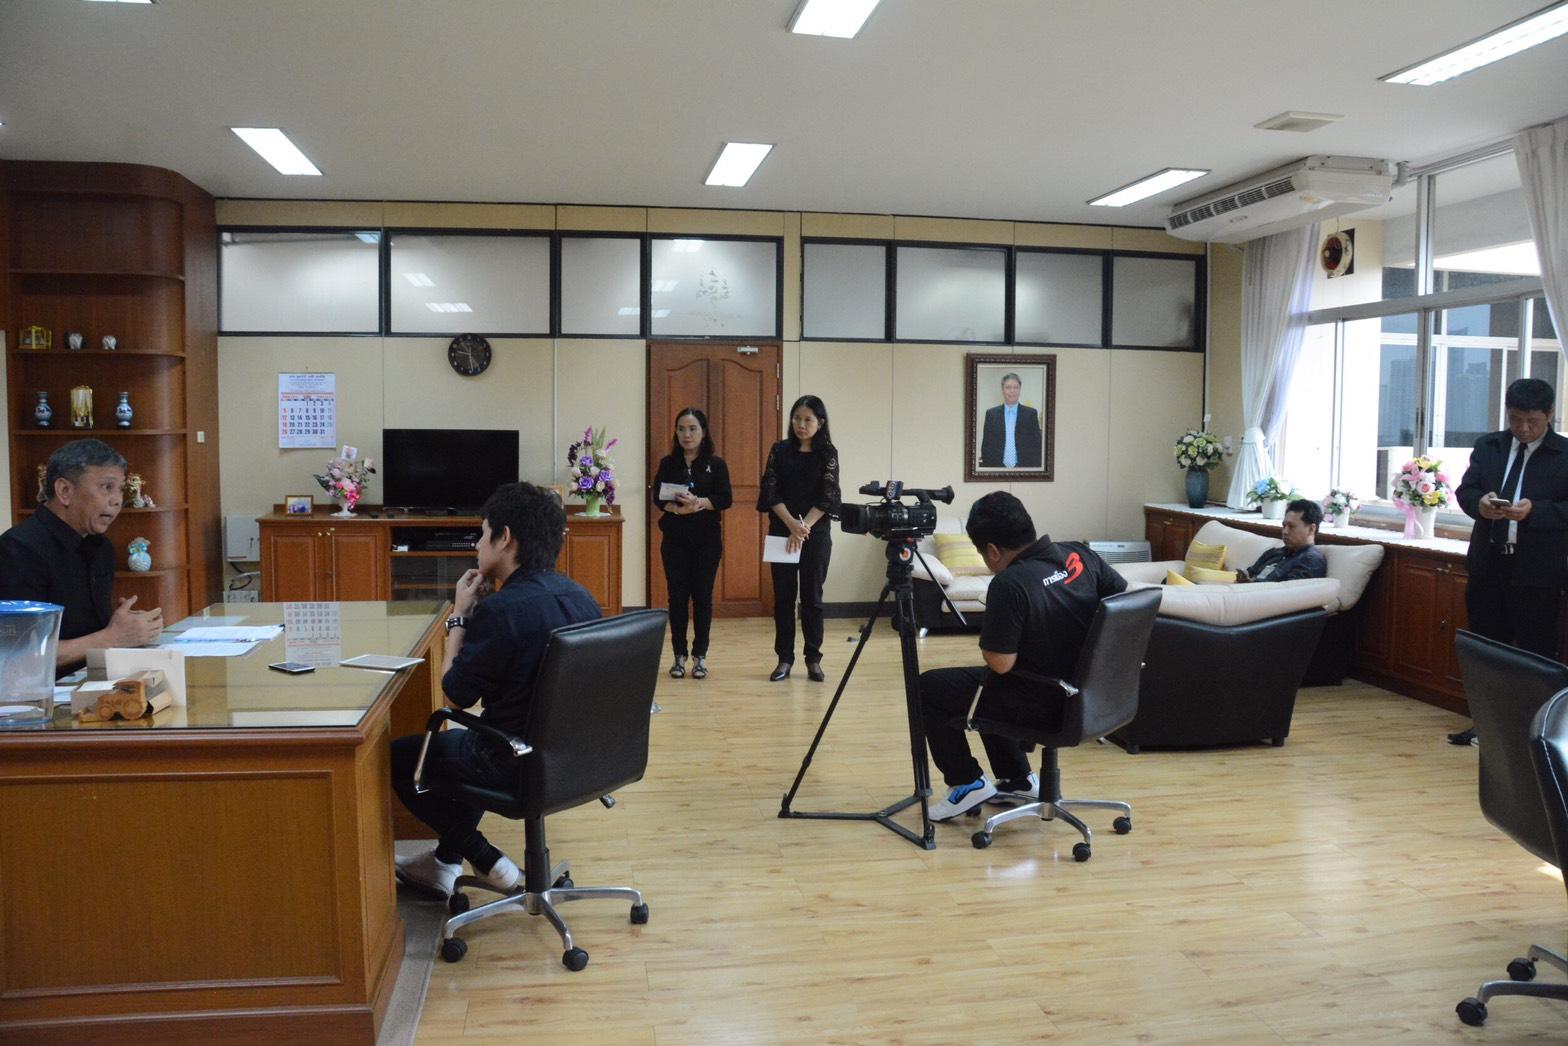 """นายวรานนท์ ปีติวรรณ อธิบดีกรมการจัดหางาน  ให้สัมภาษณ์ผู้สื่อข่าวสถานีโทรทัศน์ไทยทีวีสีช่อง 3 ประเด็น """"การจัดตั้งศูนย์ JOB COACH THAILAND CENTER"""" ศูนย์บ่มเพาะด้านวิชาชีพของคนพิการในประเทศไทย"""